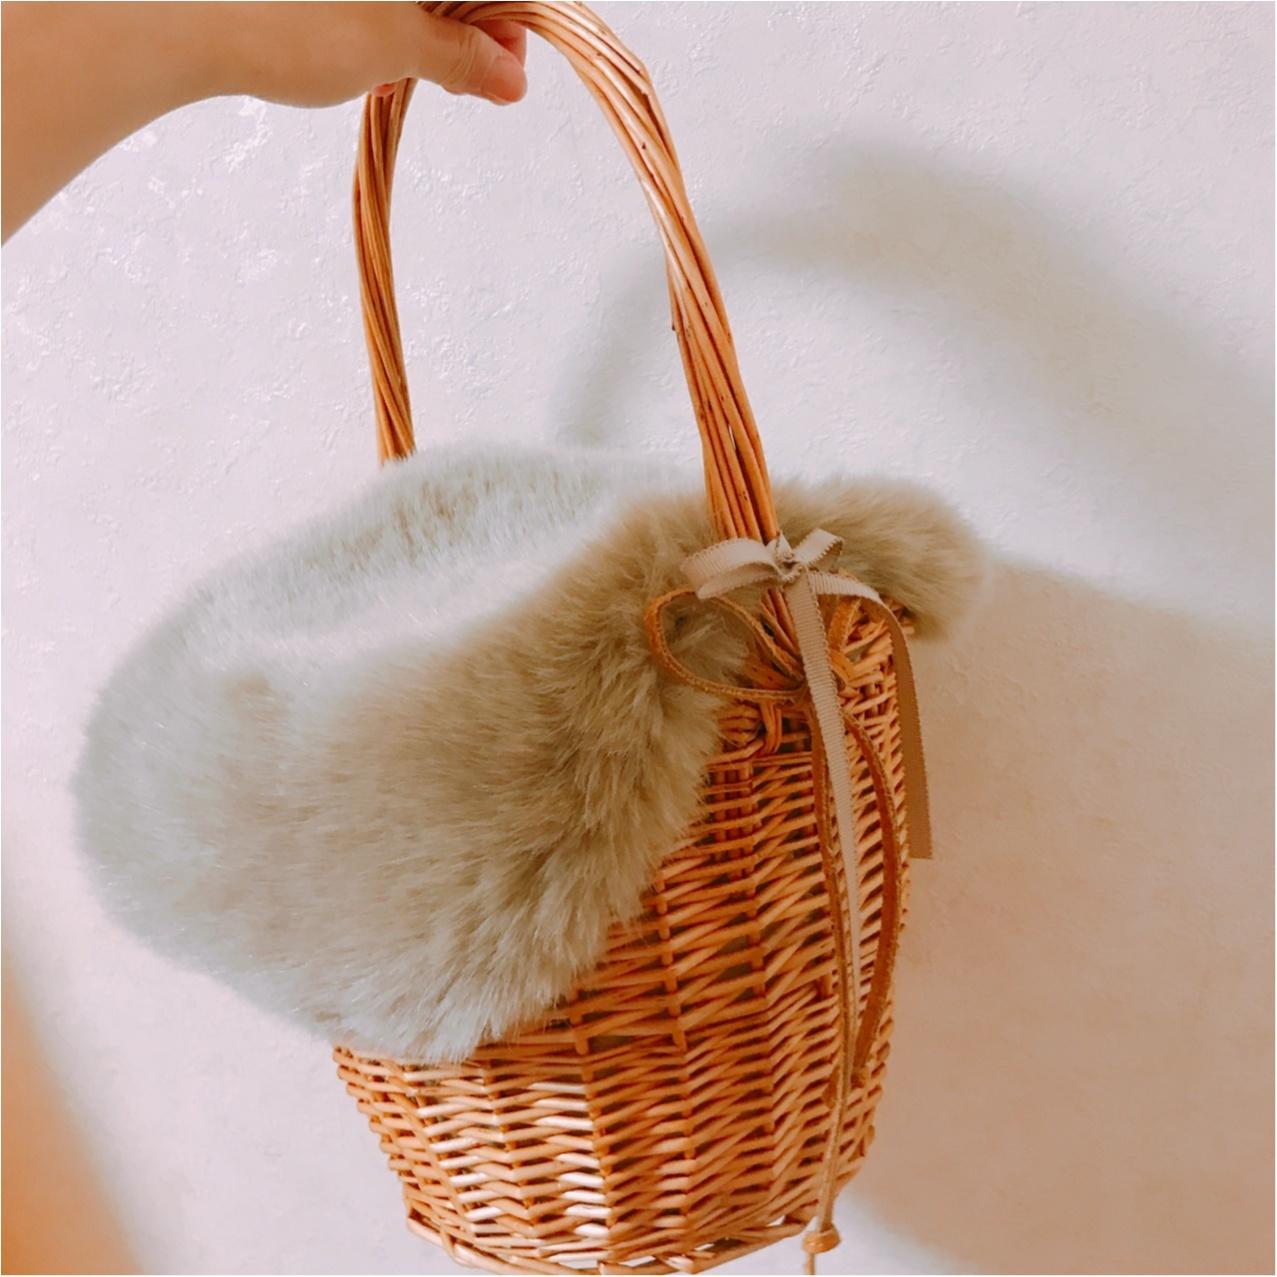 おしゃれさんは冬でも持ってる!?【かごバッグ】を冬仕様にリメイク♡_3